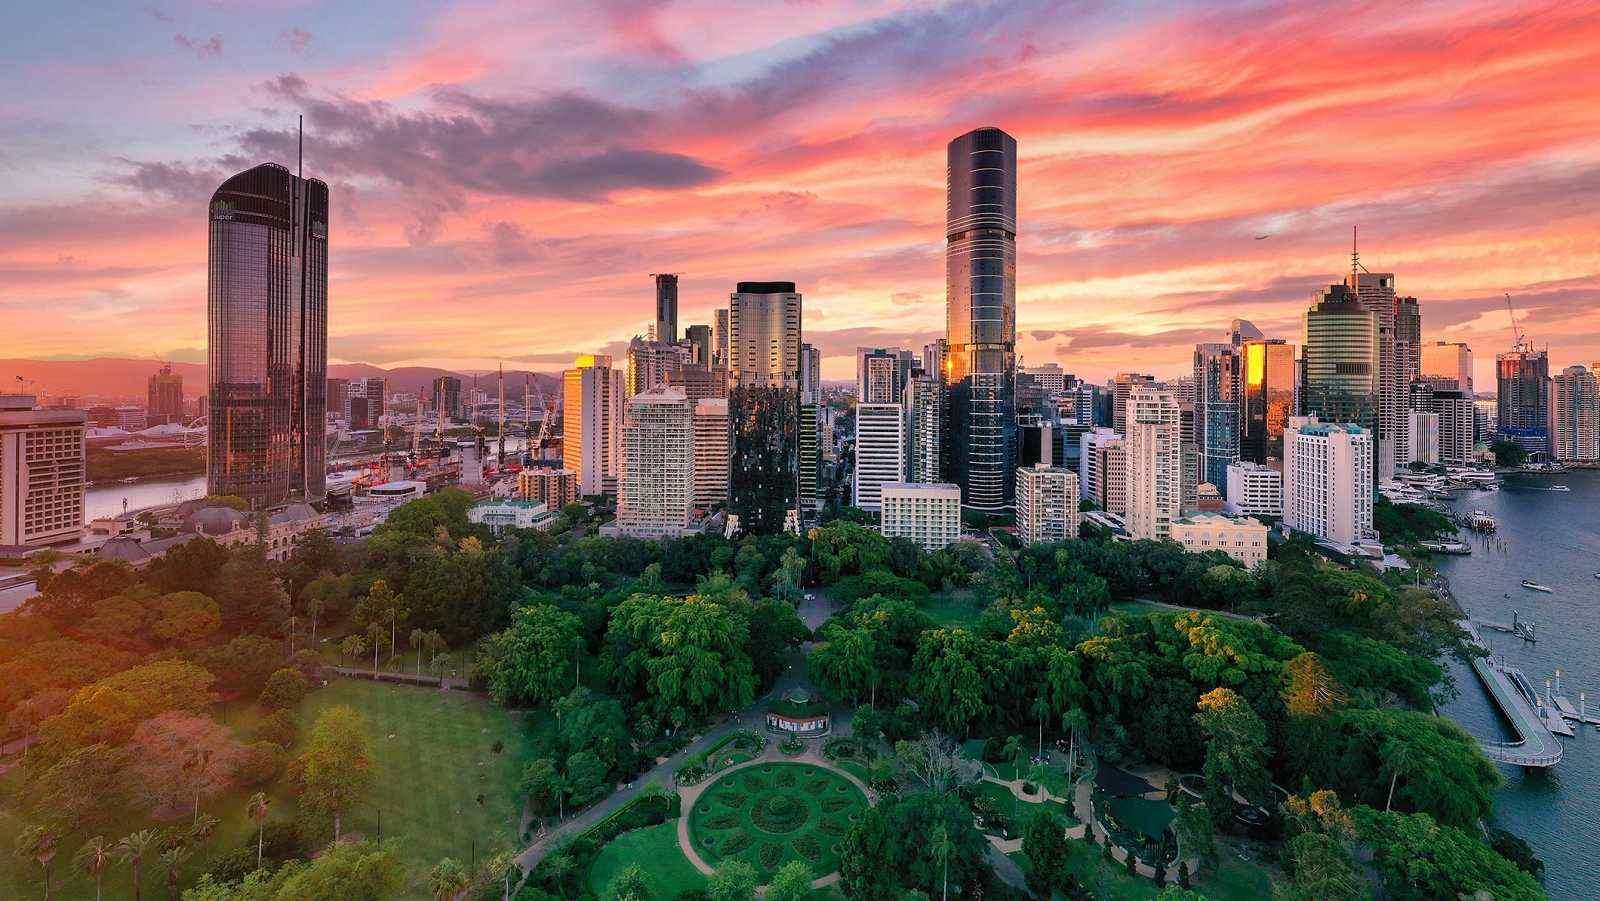 Juegos Olímpicos de Brisbane costarán más de 4.200 millones de euros